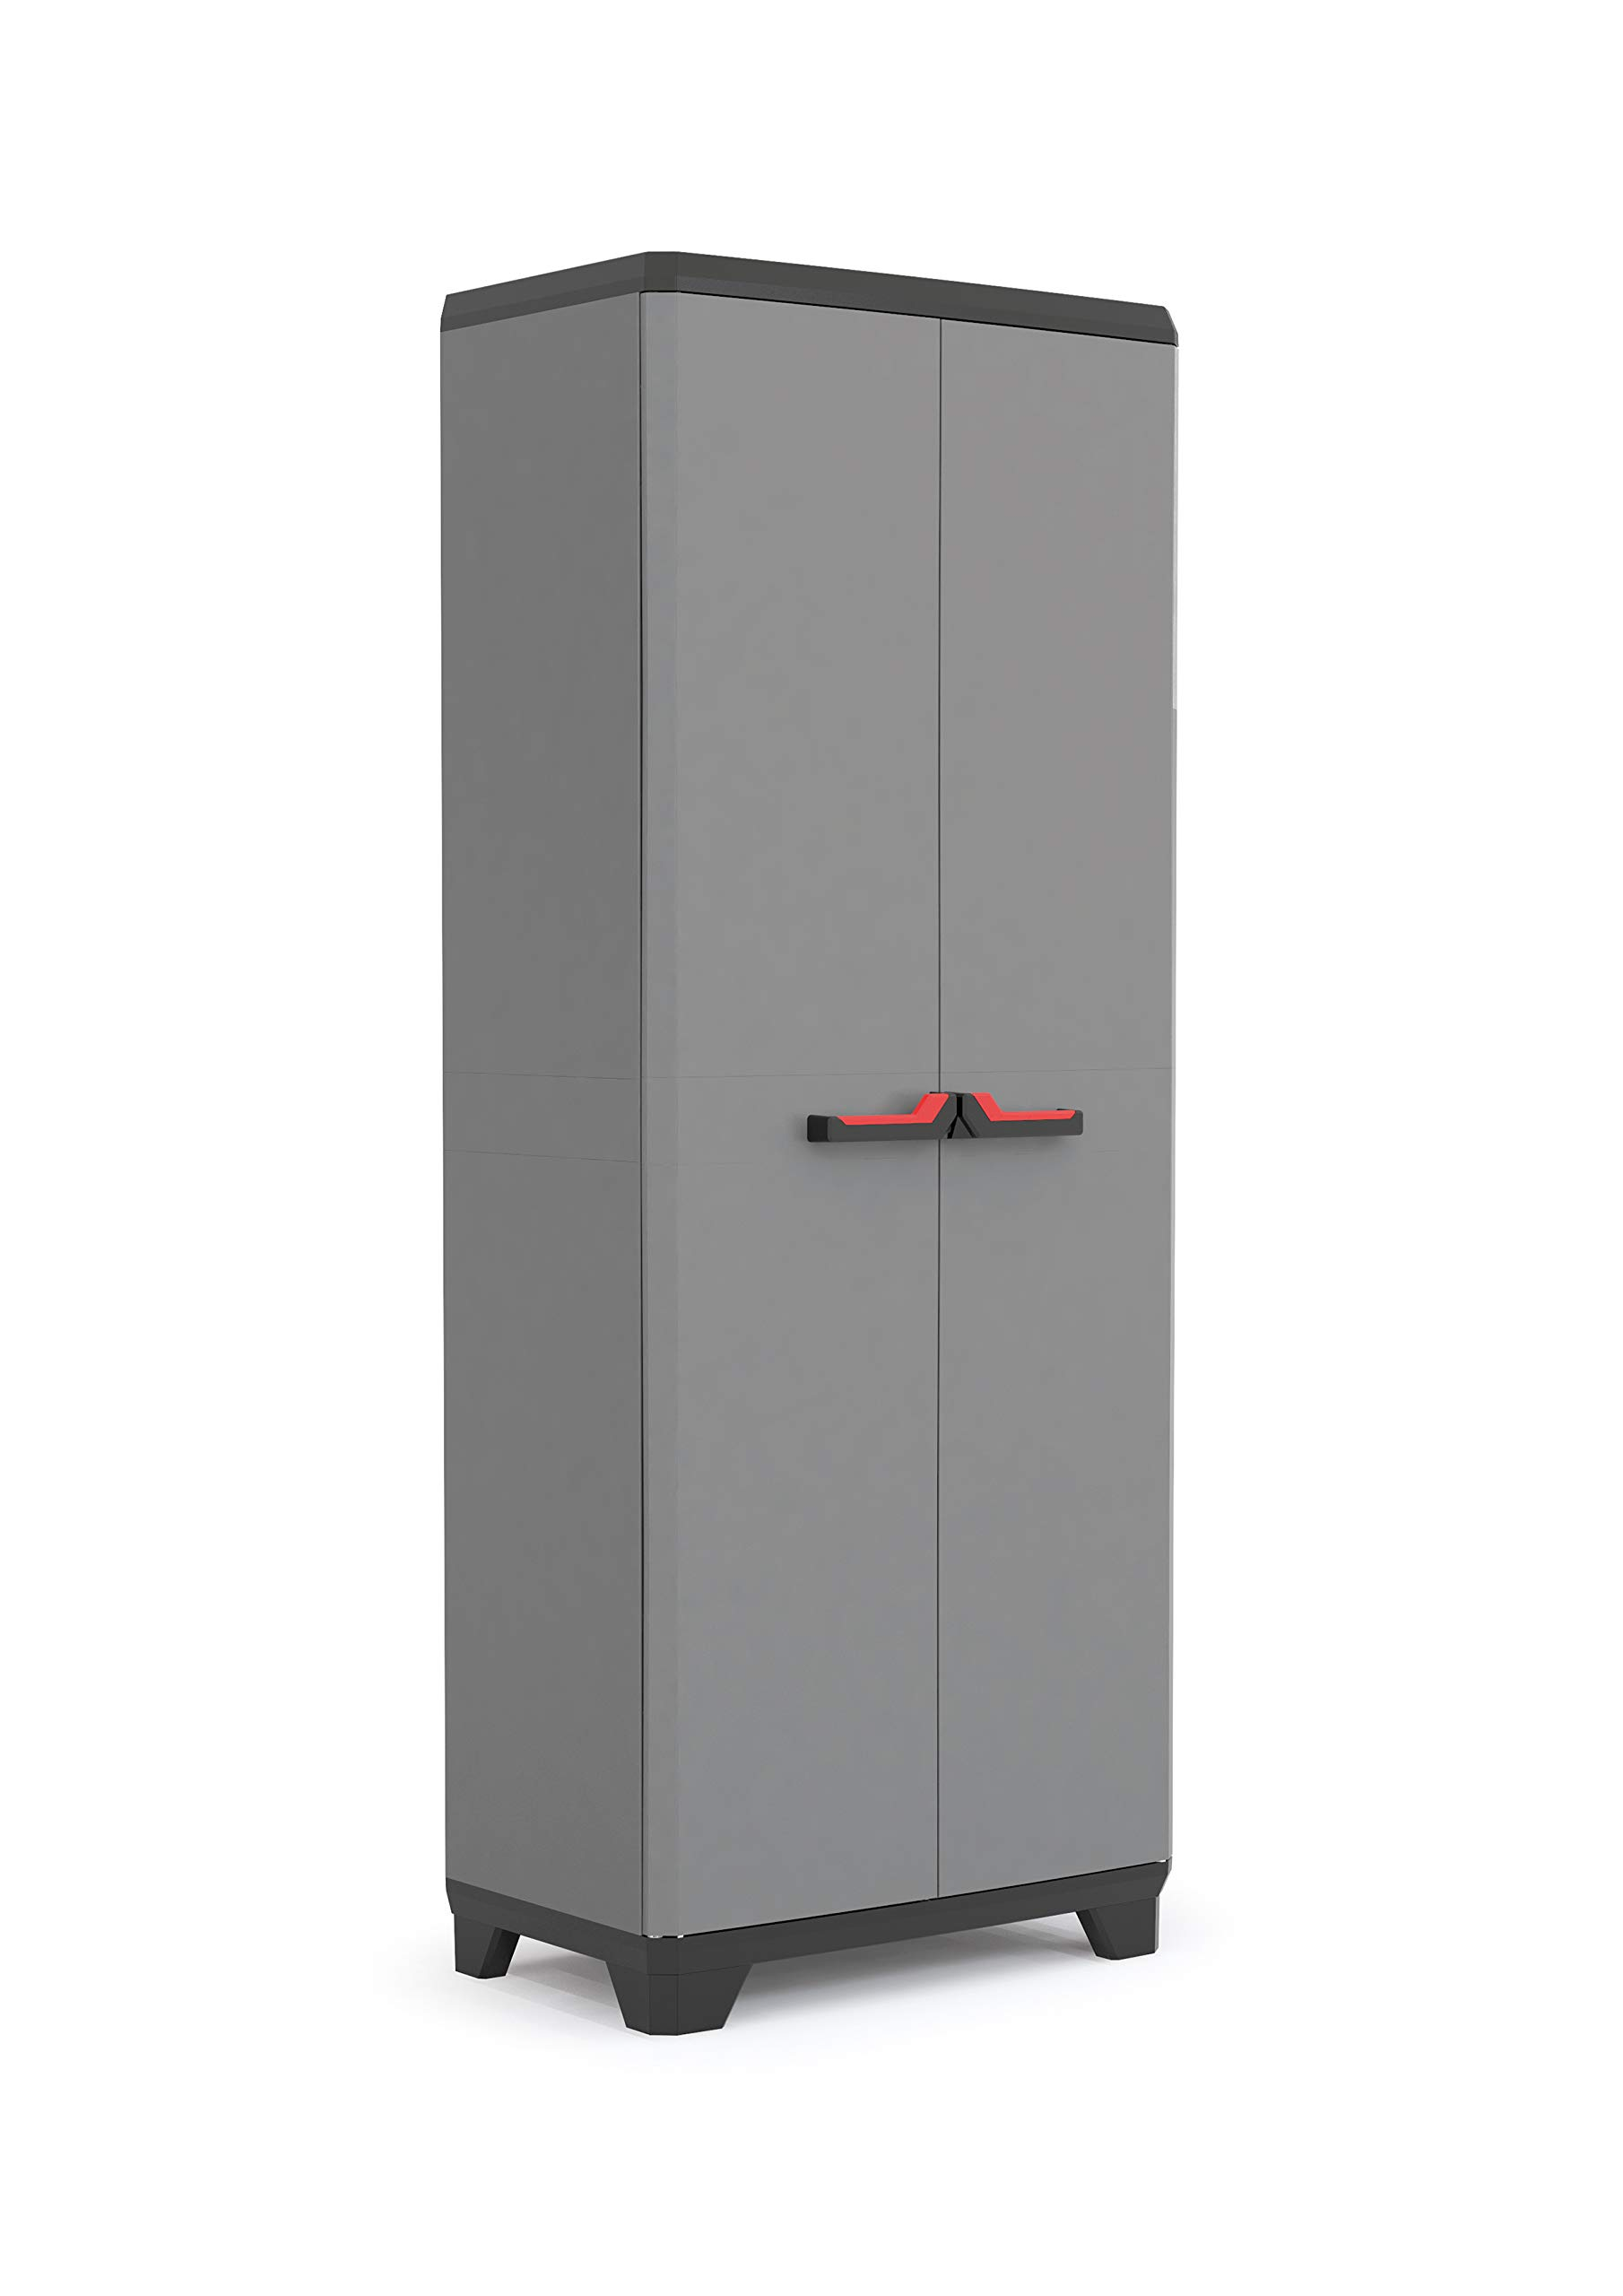 KIS Stilo Utility Cabinet cm L68 x D39 x H173 Garden Storage Cabinet